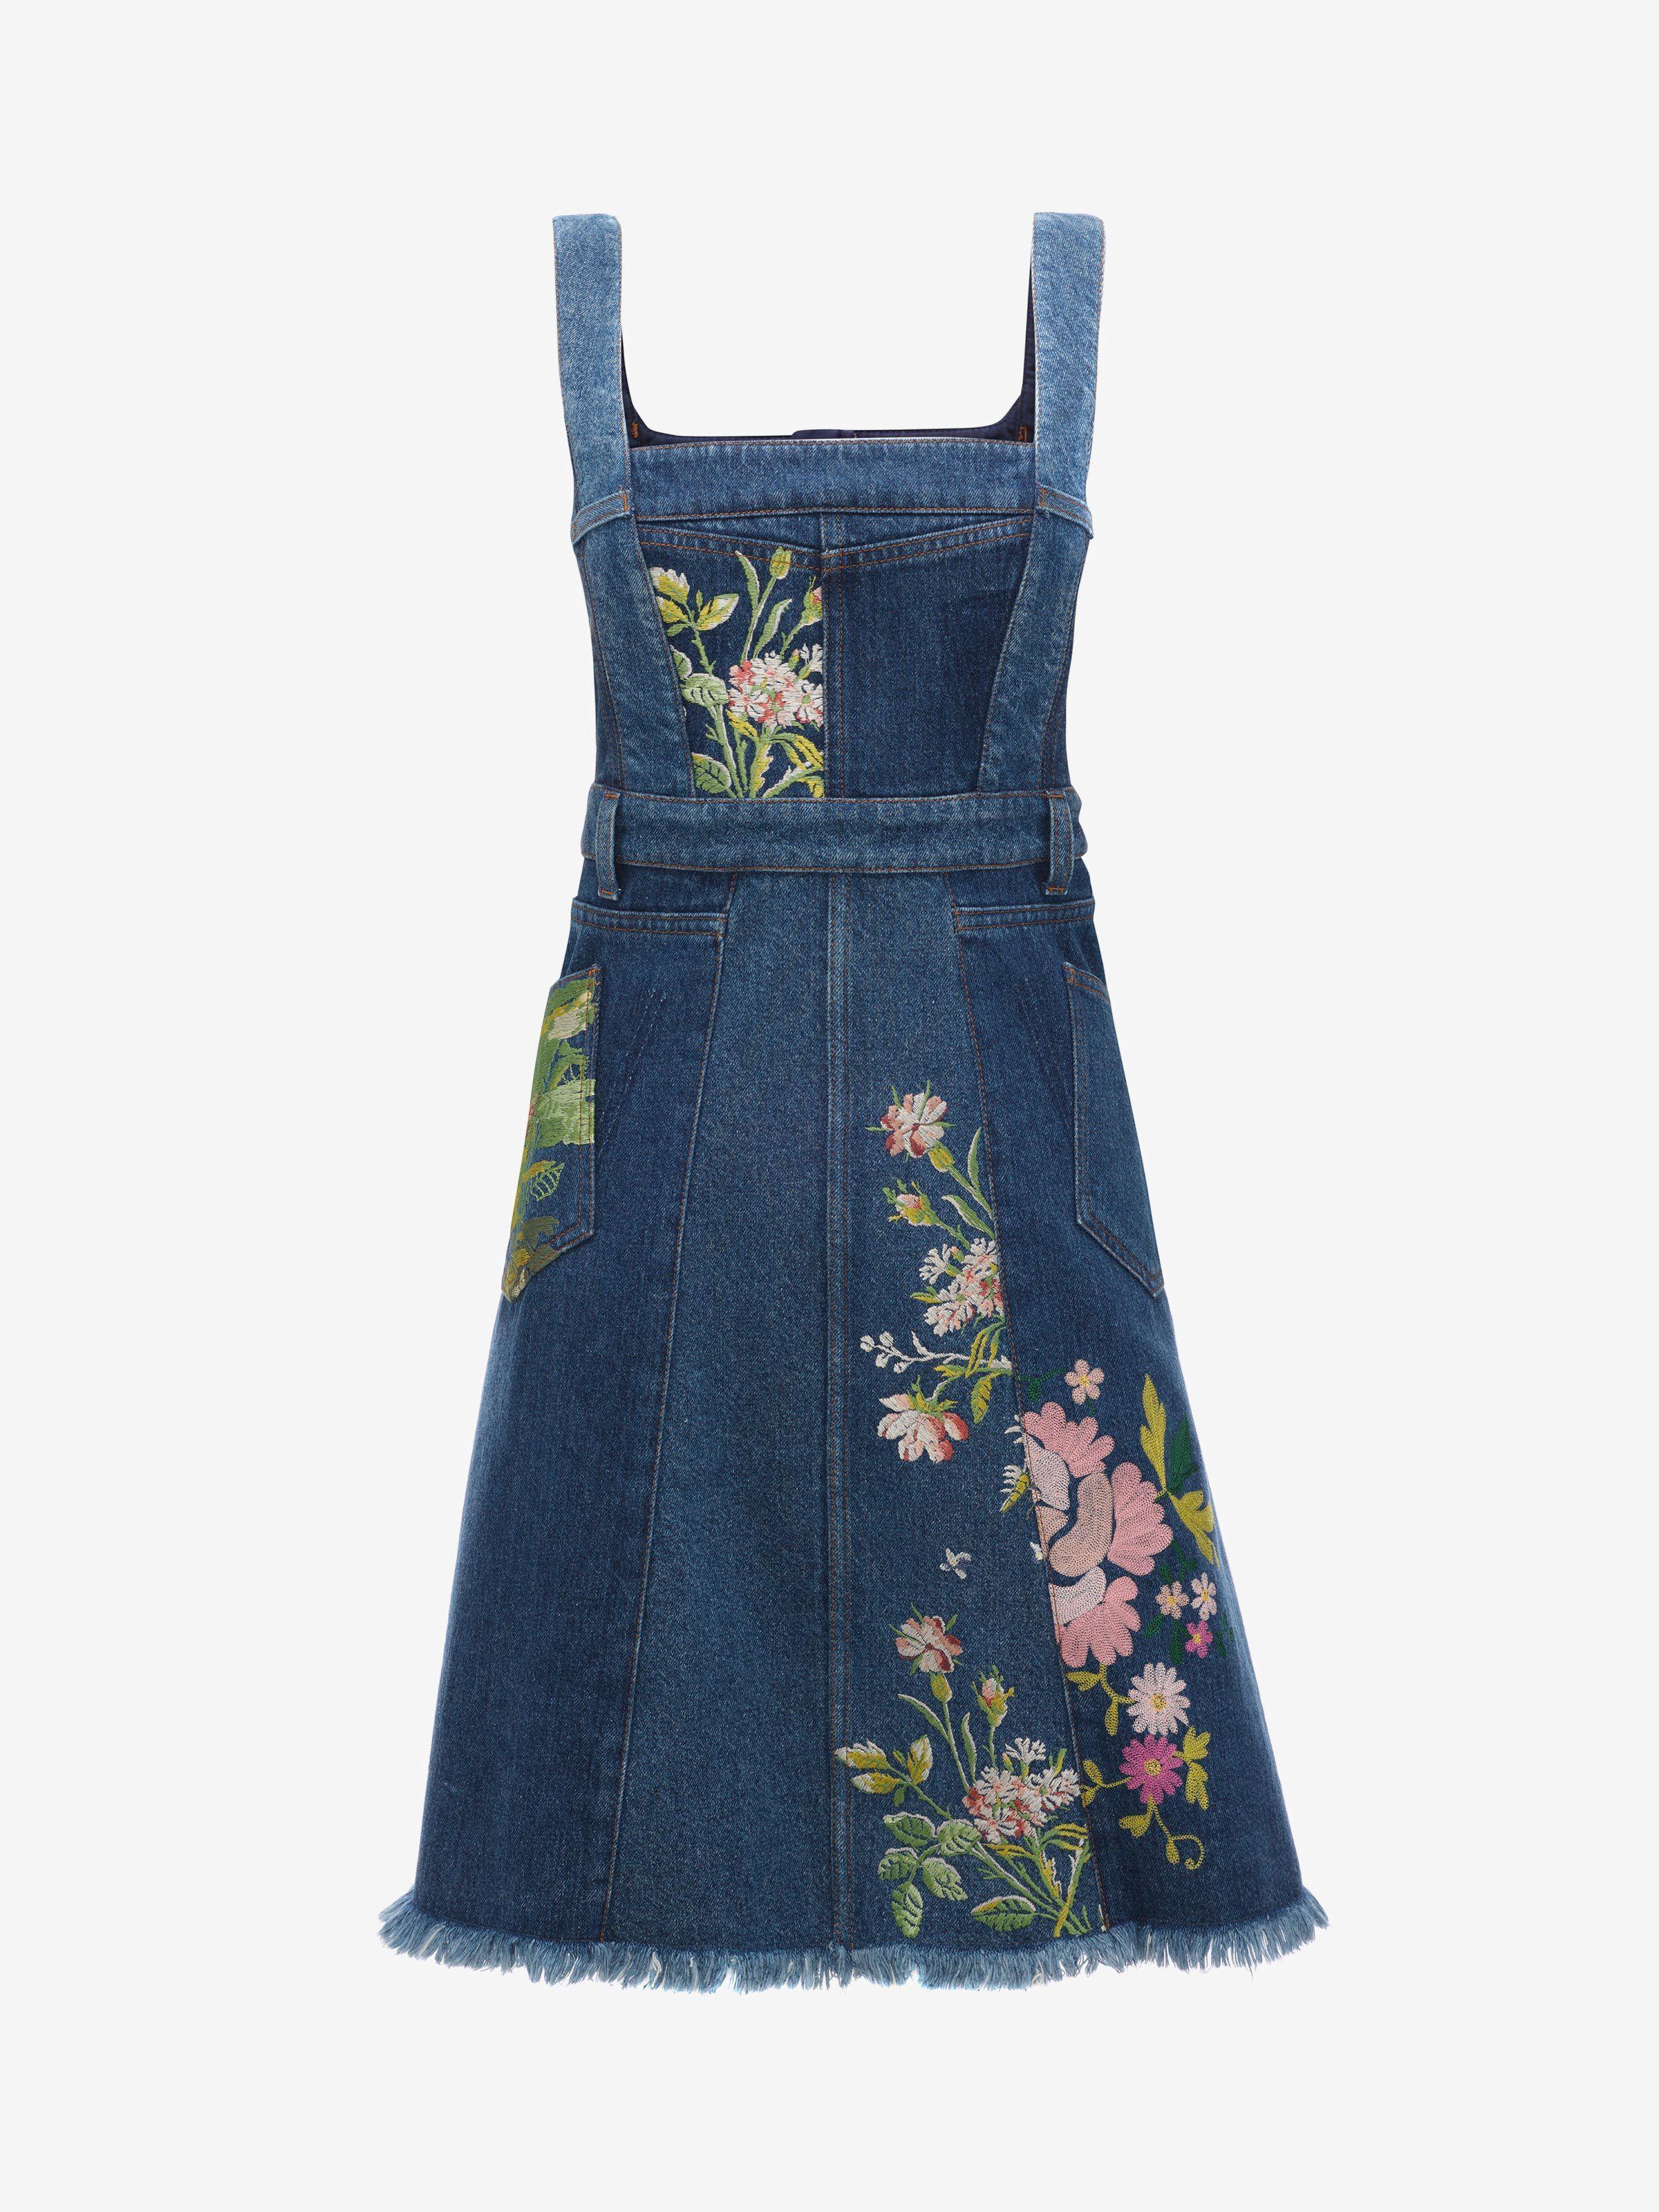 d72d09998a7 ALEXANDER MCQUEEN Floral Embroidered Denim Dress.  alexandermcqueen  cloth